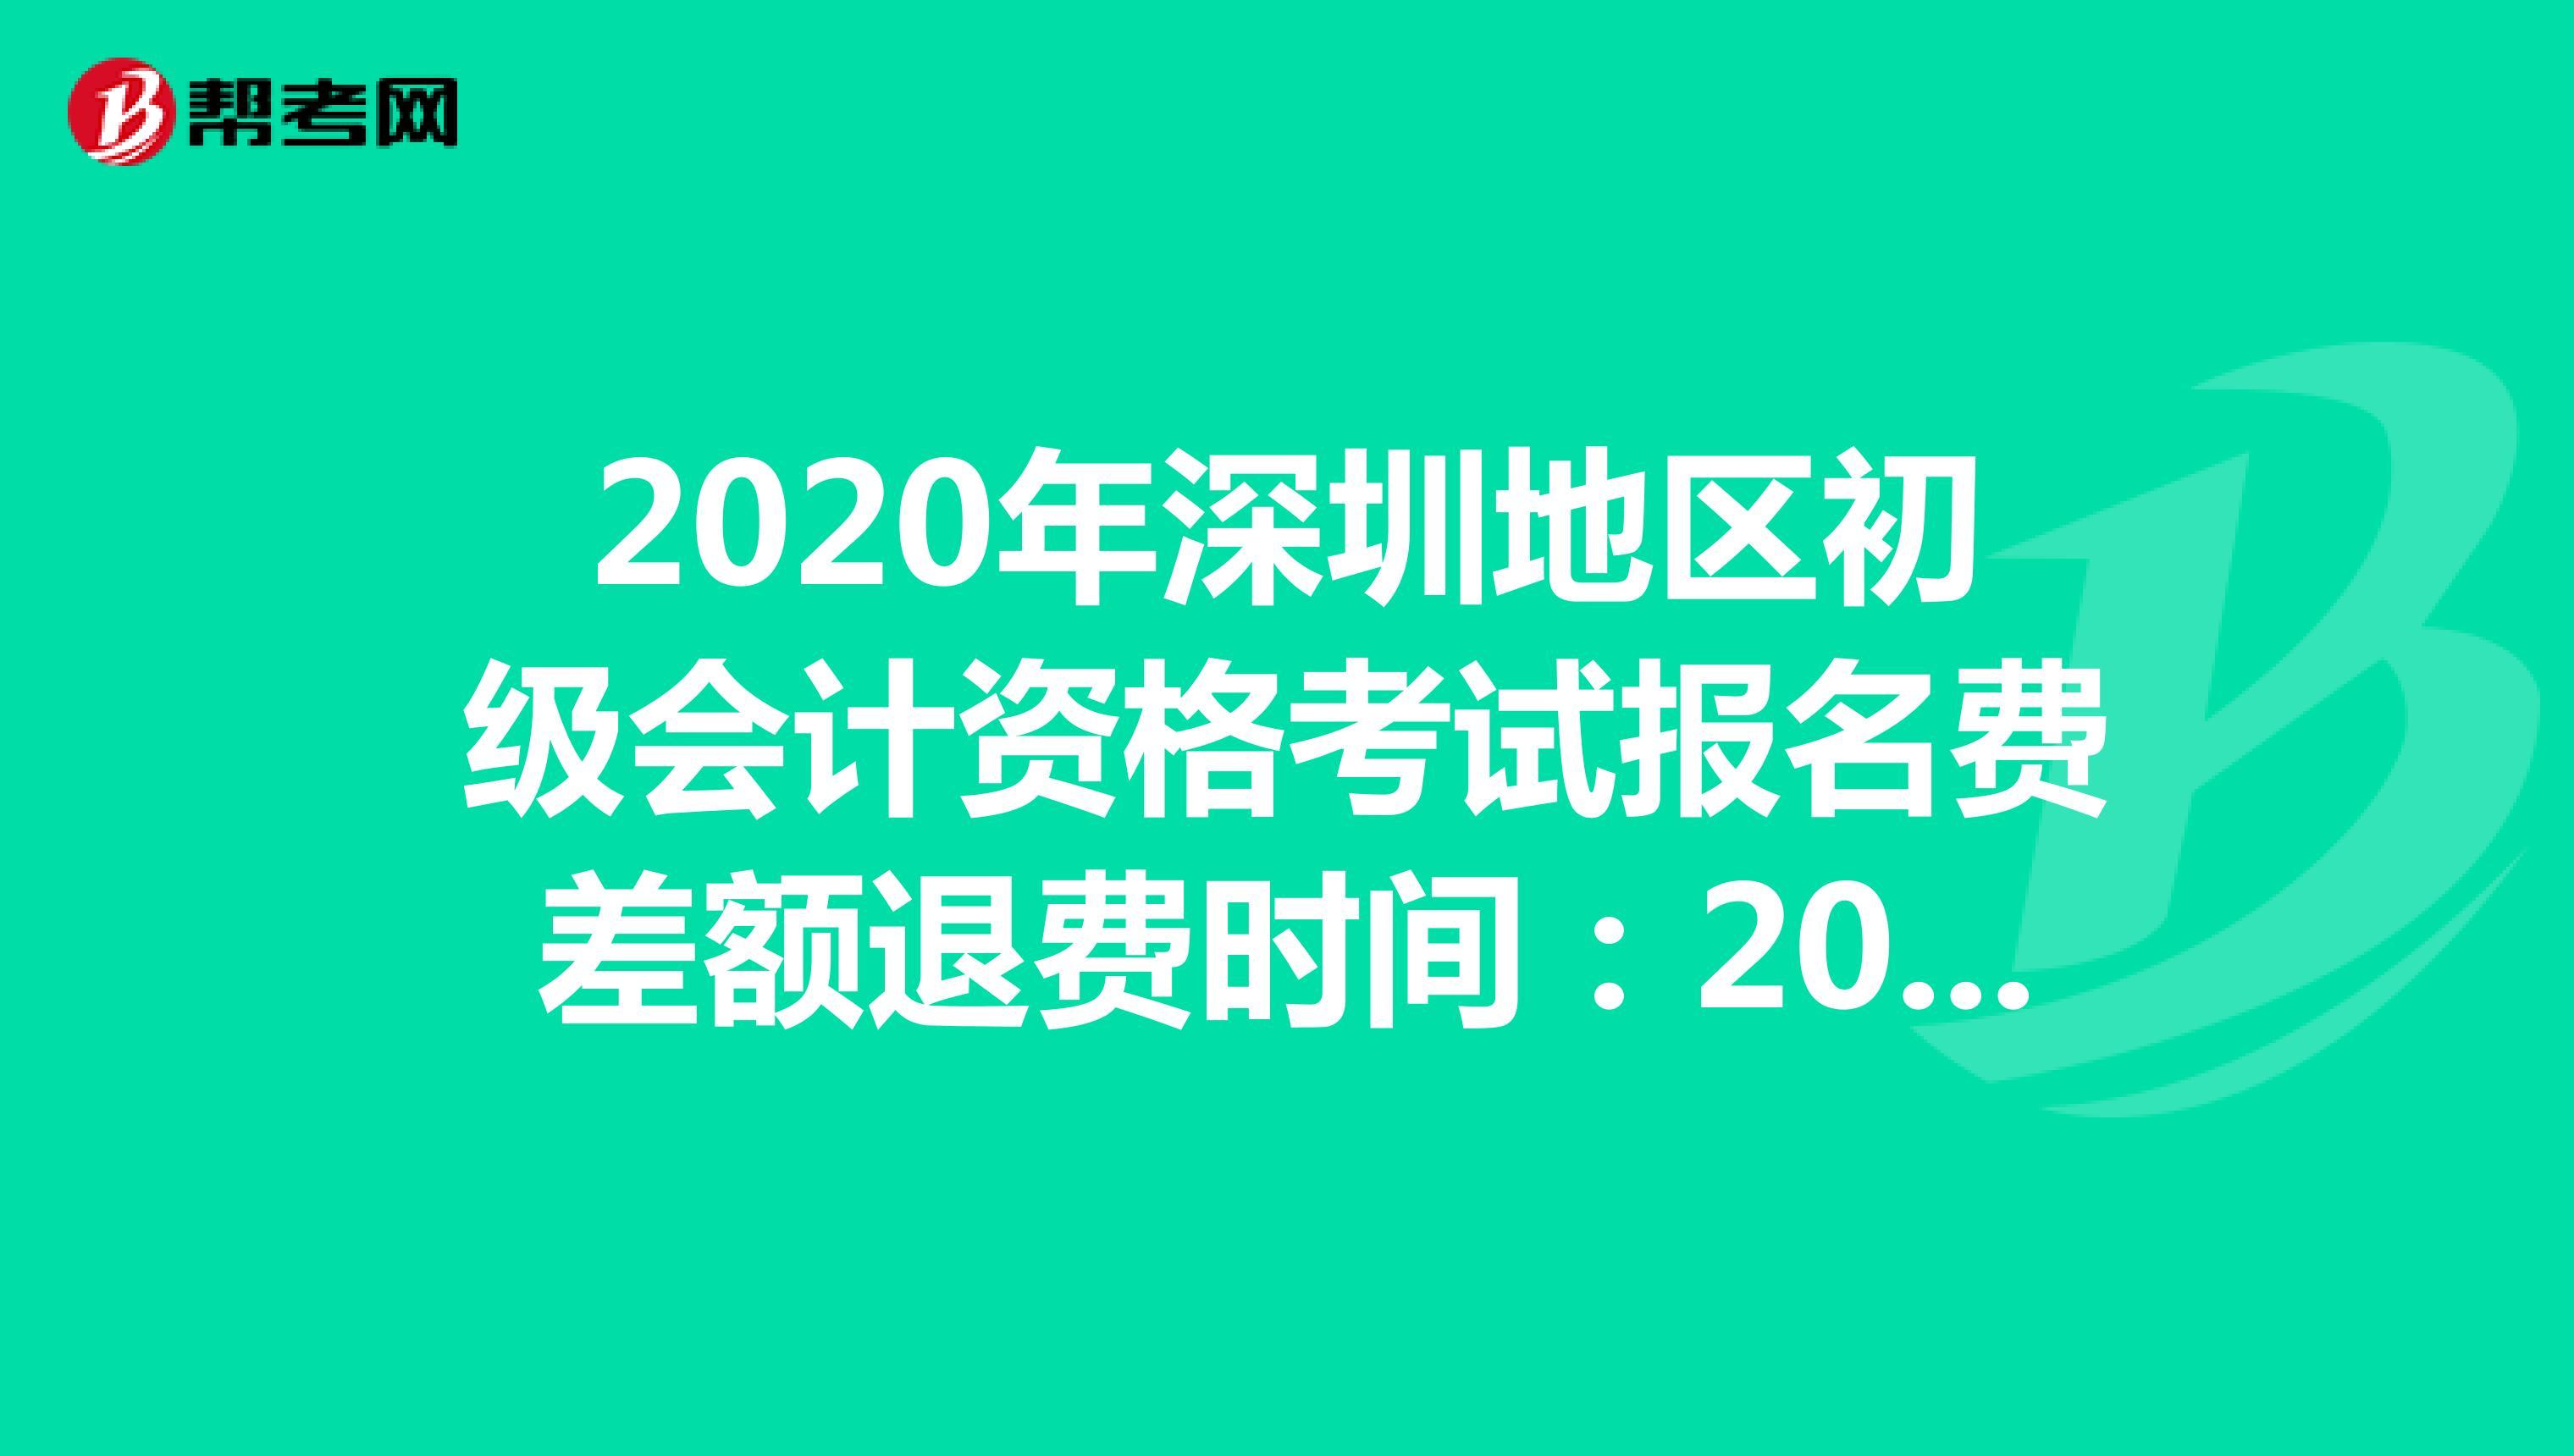 2020年深圳地區初級會計資格考試報名費差額退費時間:2020年12月1日至12月10日